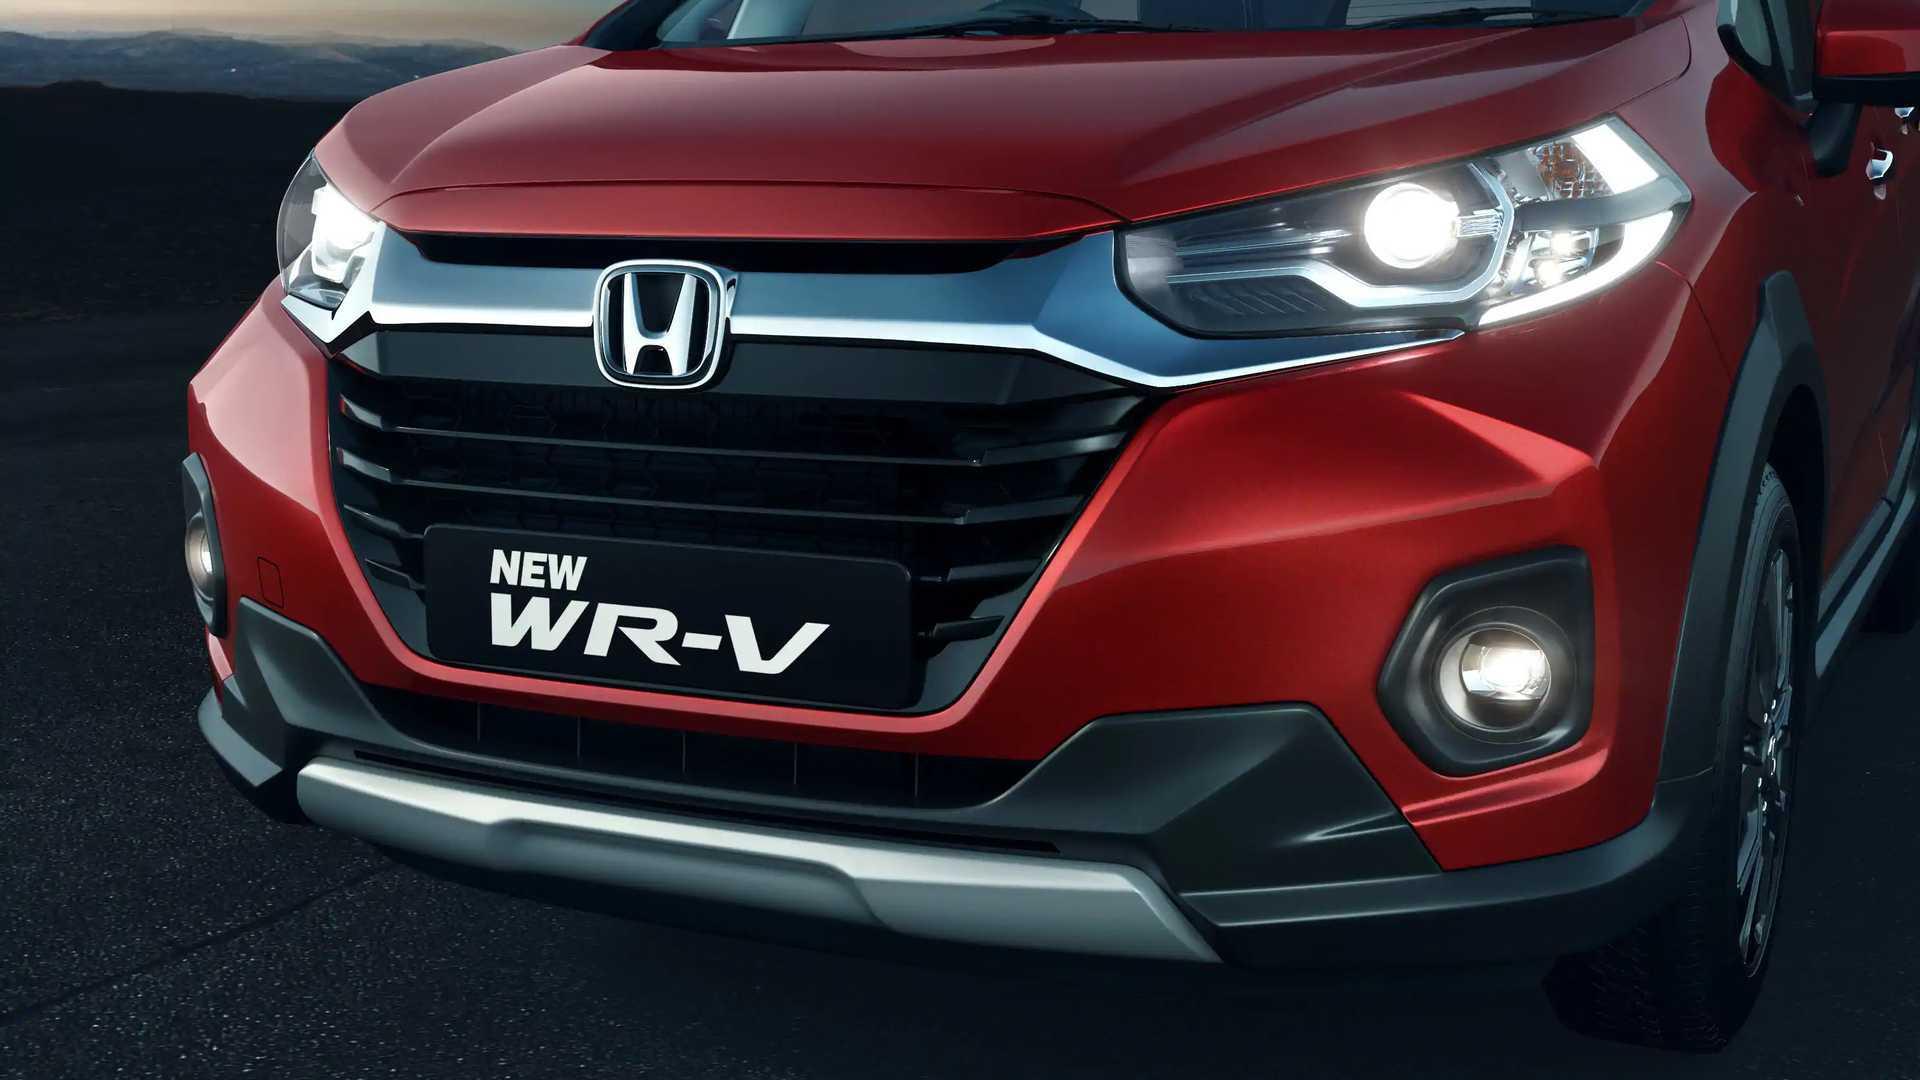 Novo Honda WR-V 2021 passa por leve mudança, mas só na Índia